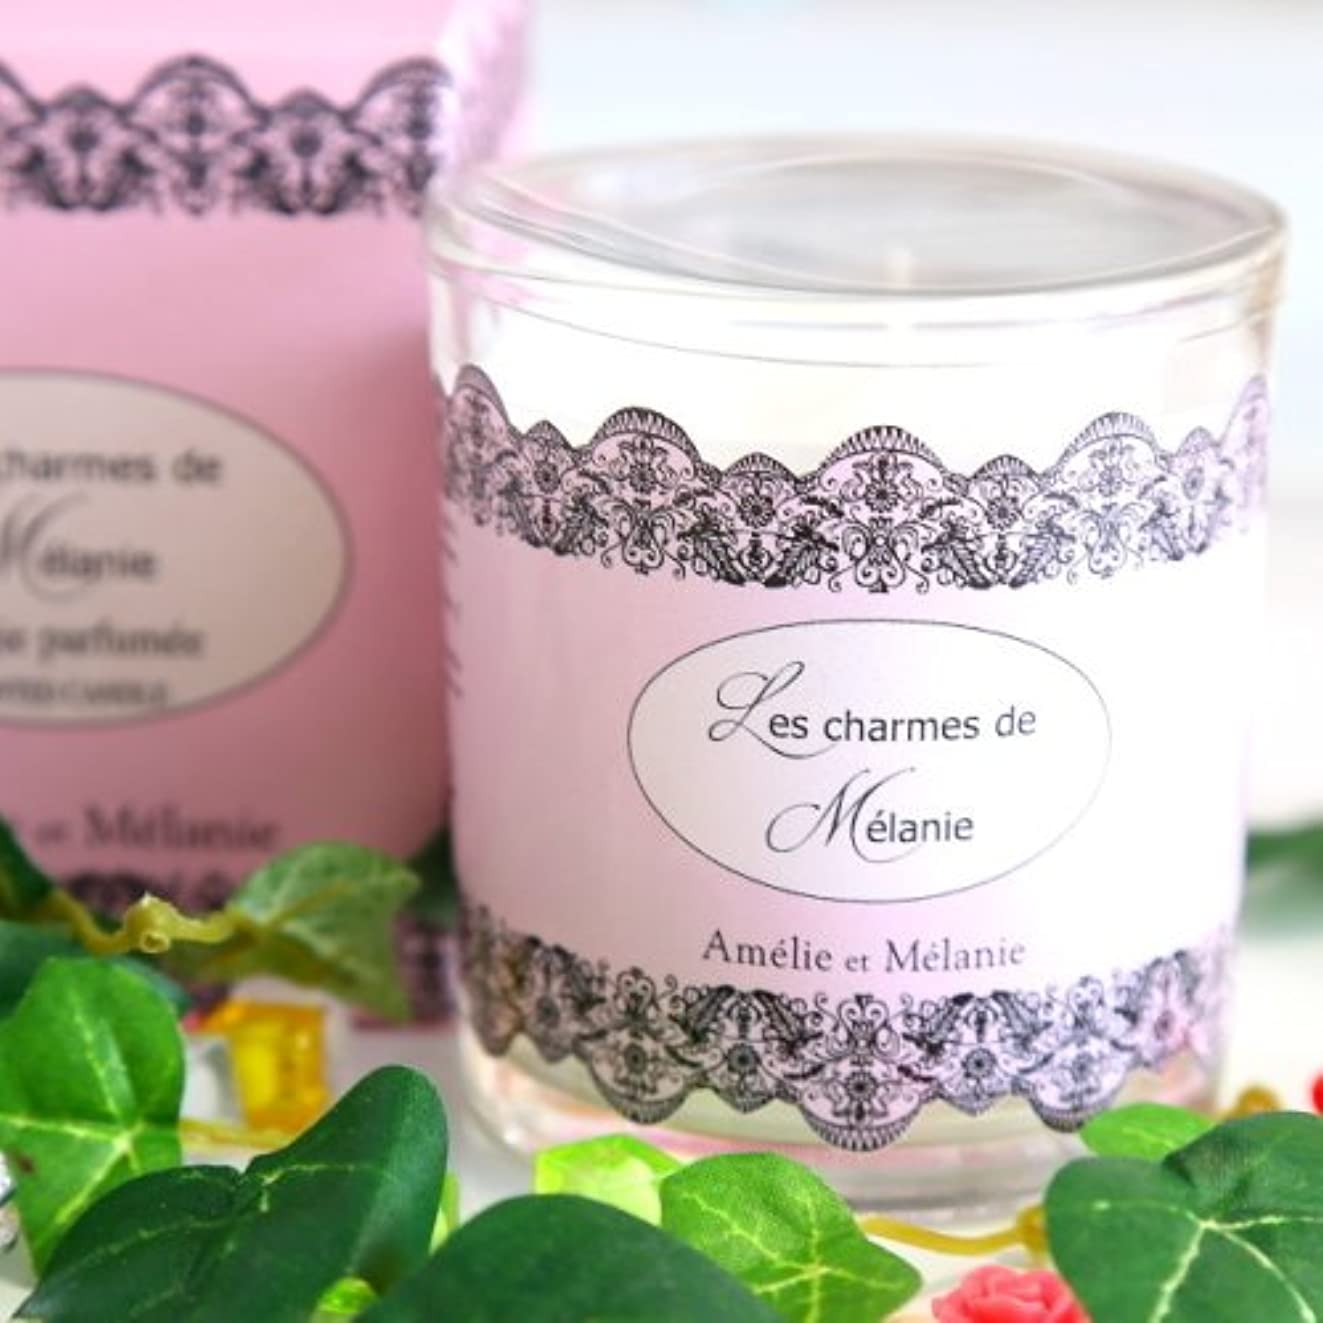 解放する真夜中グリットアメリー&メラニー シャルムドゥメラニー グラスキャンドル 140g フレッシュフローラルな香り